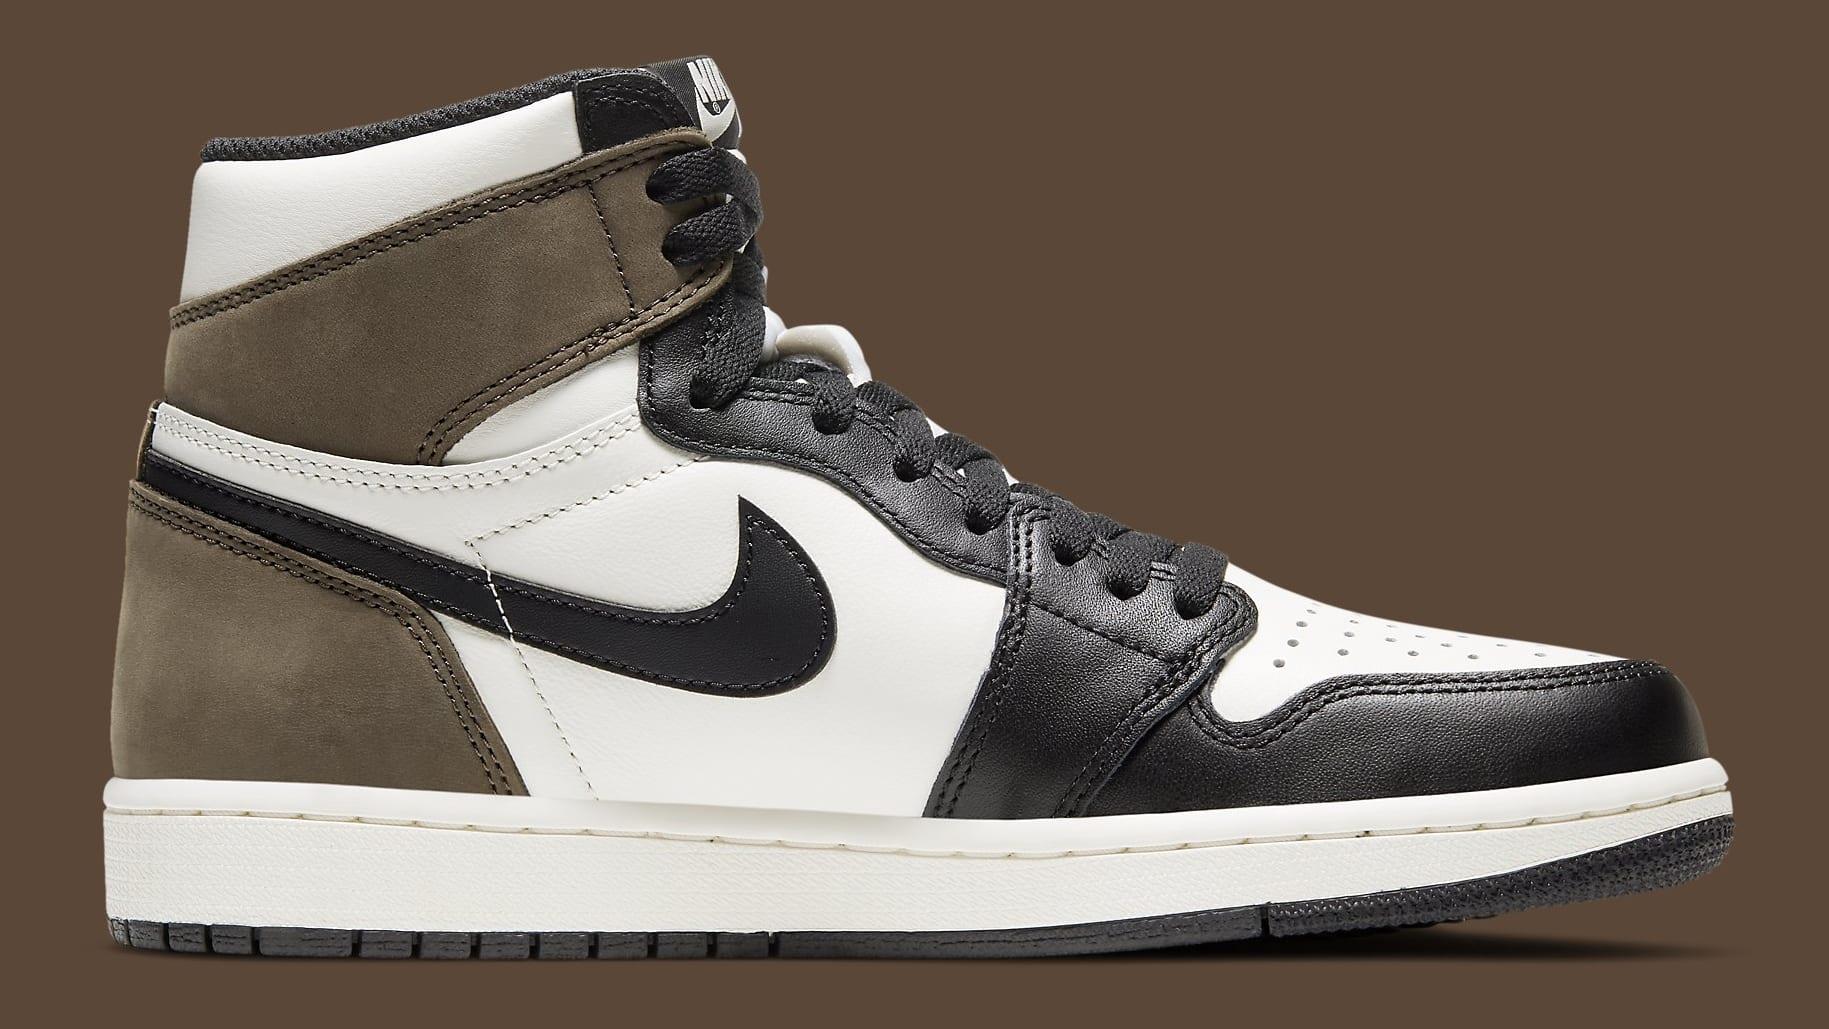 Air Jordan 1 Dark Mocha Release Date 555088-105 Medial